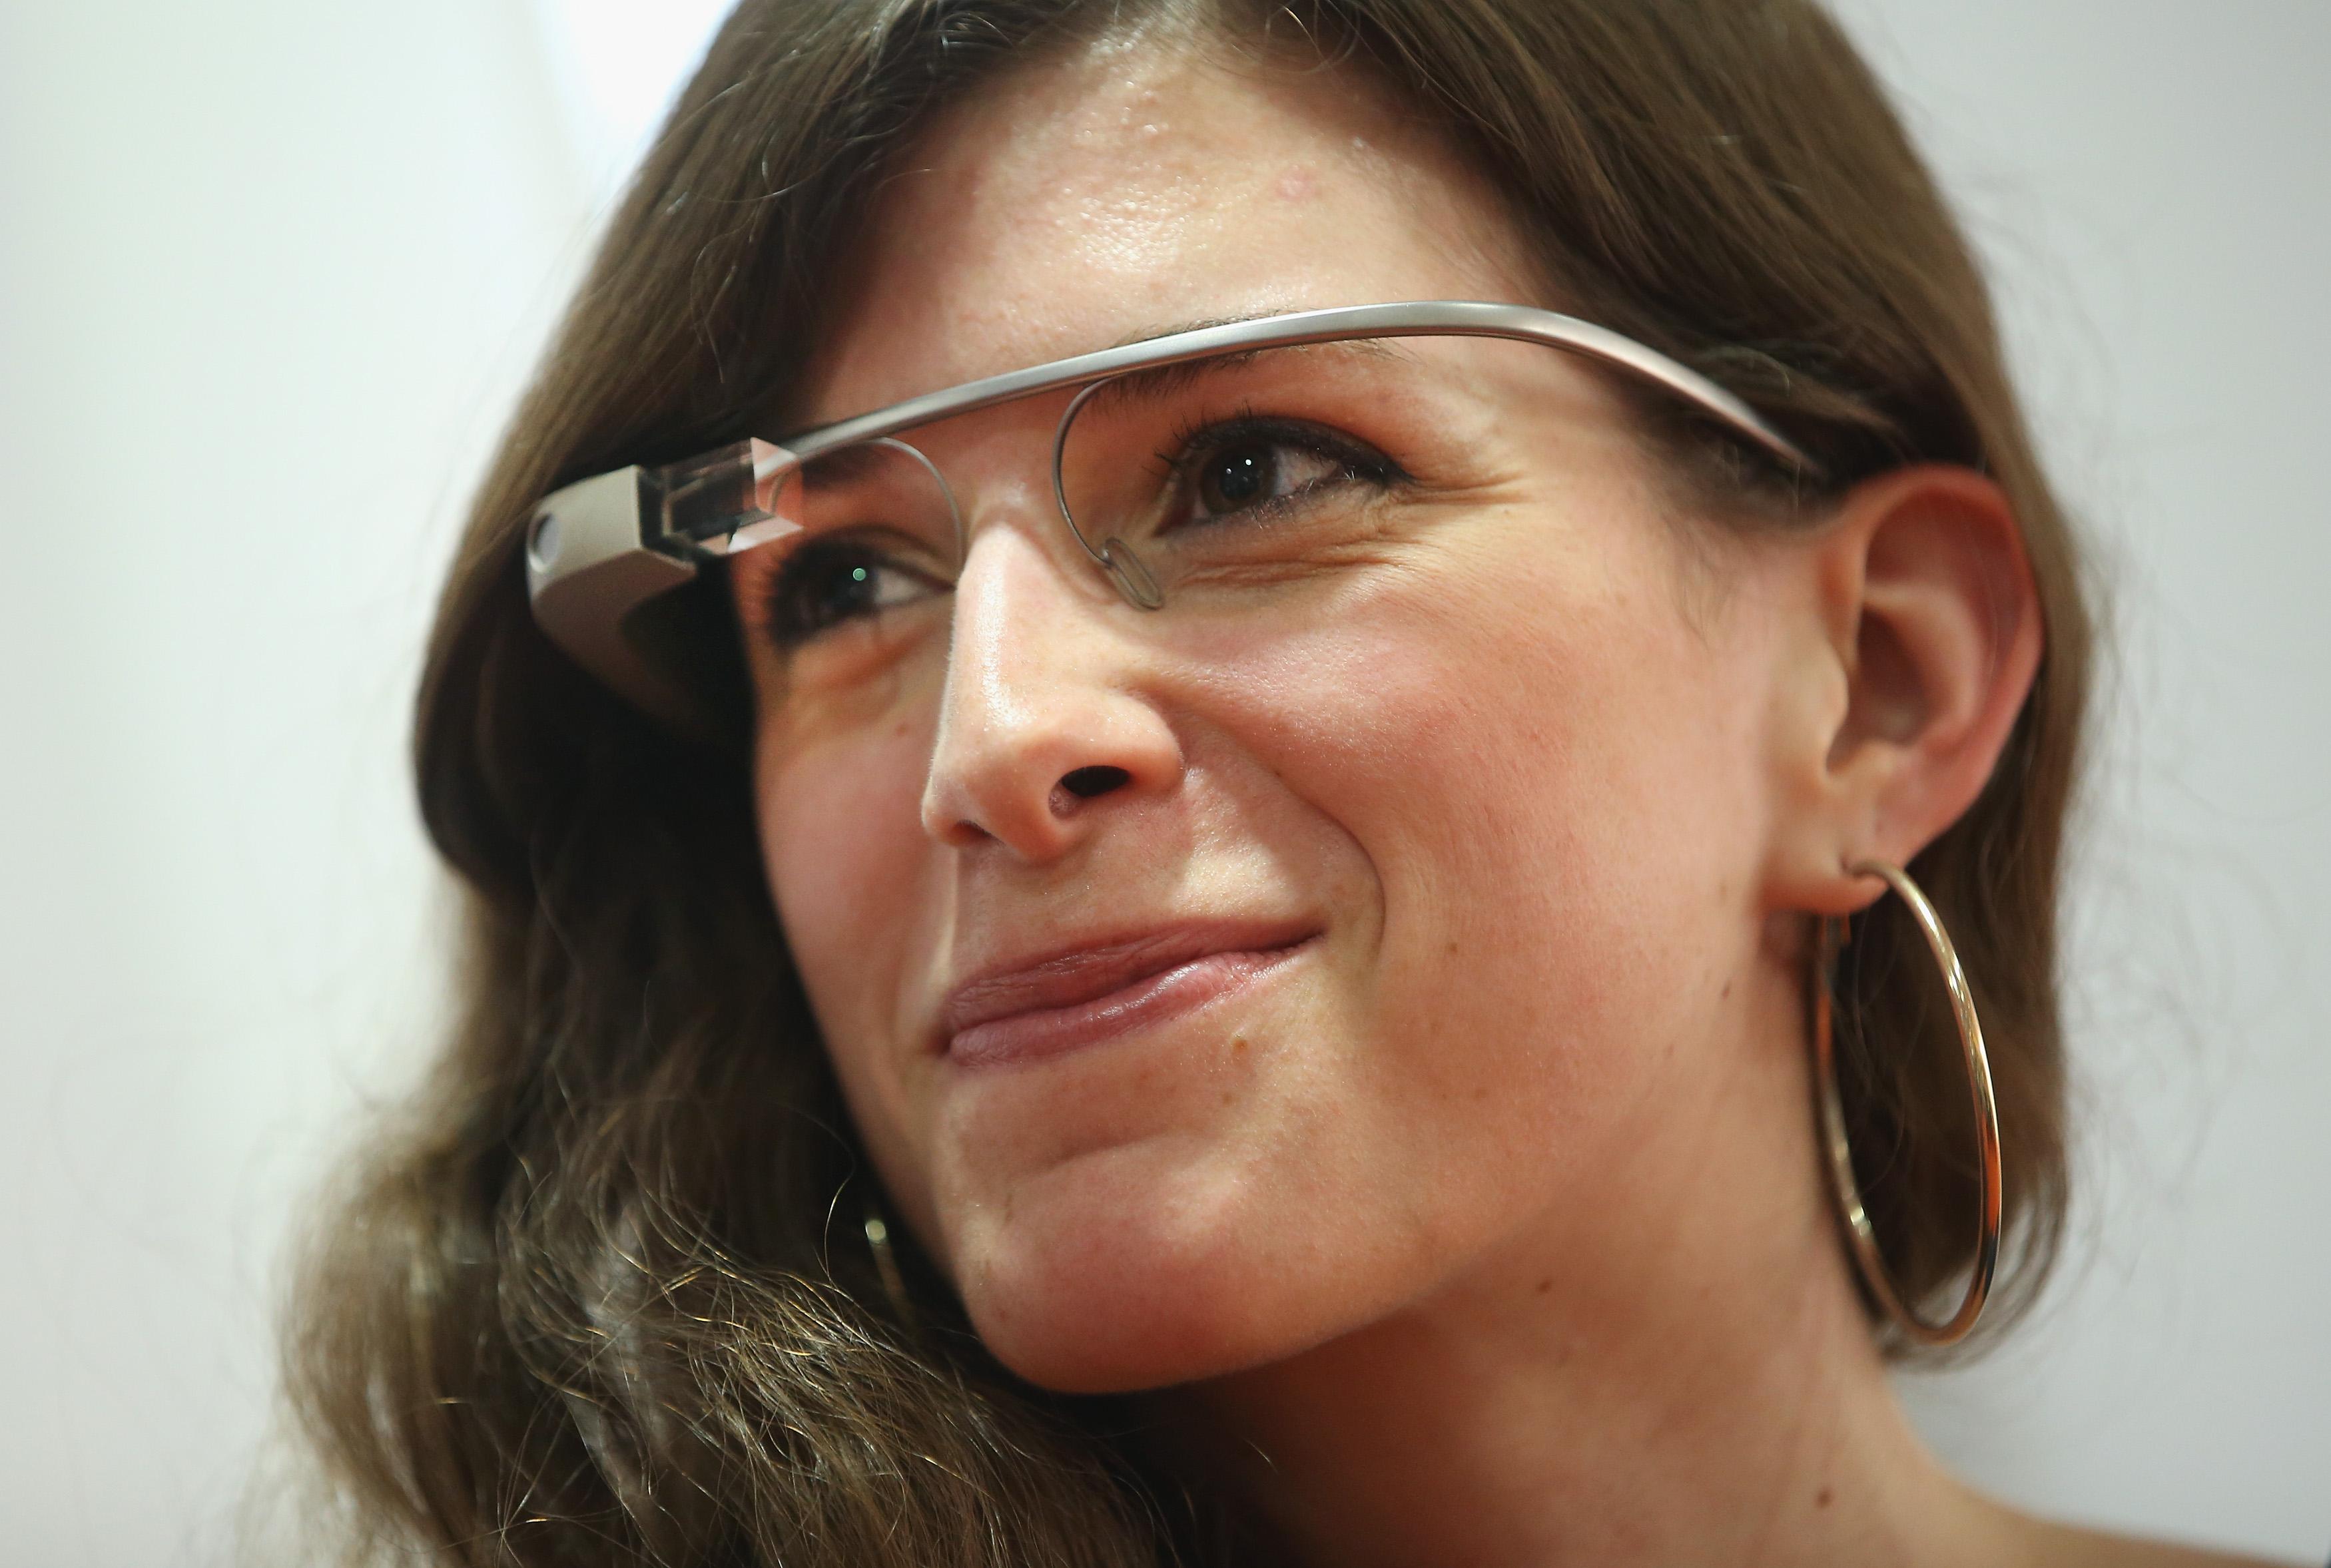 Woman Wears Google Glass